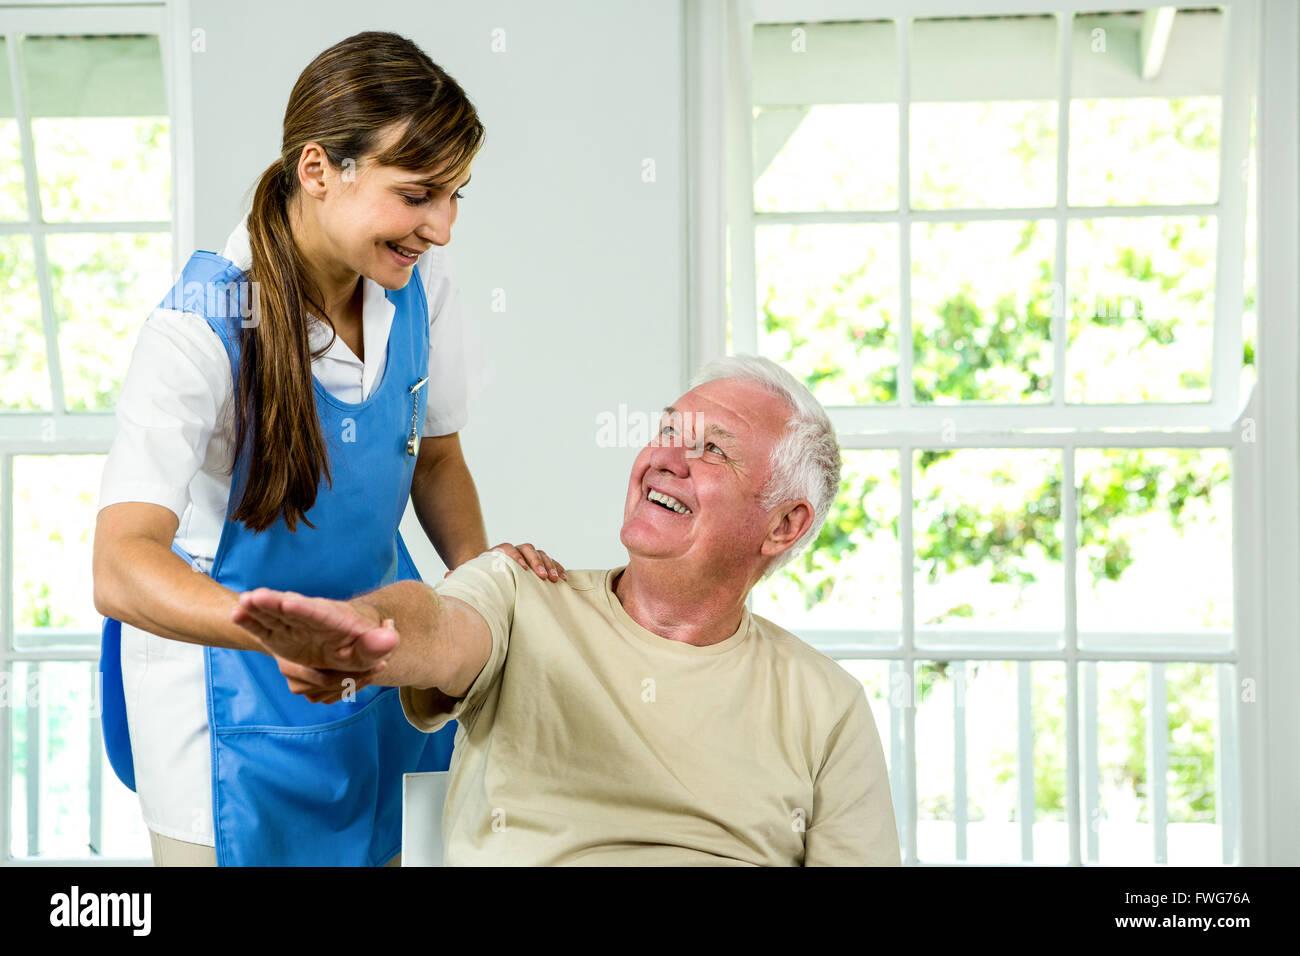 Infermiera sorridente assistere uomo più anziano Immagini Stock